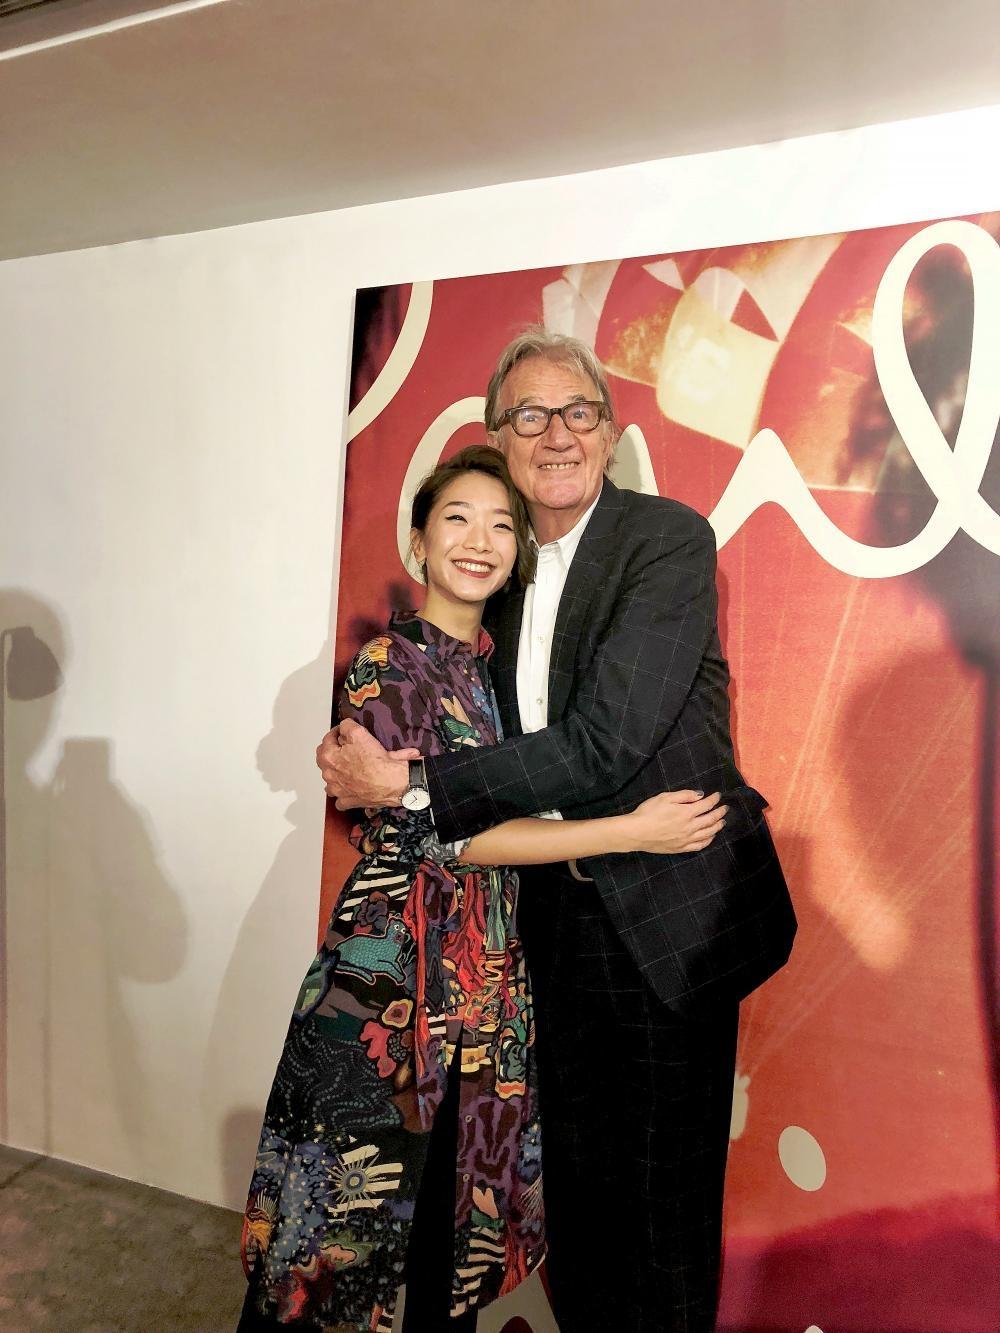 時裝造型師Veronica Li與英國設計大師Paul Smith首度見面,蜴談2019春夏系列的色彩靈感。